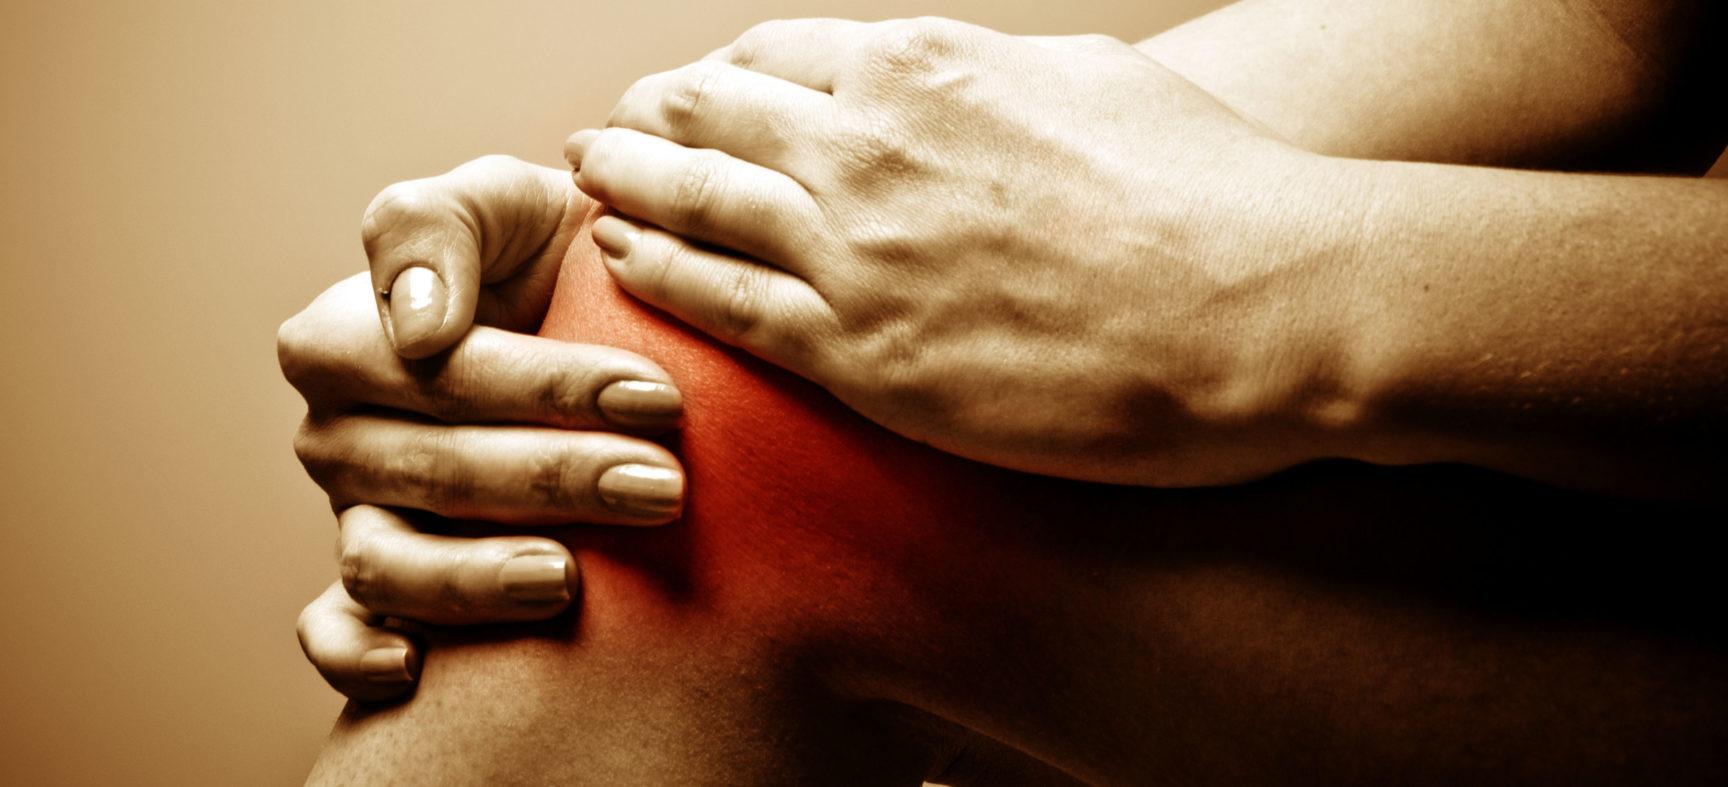 Prevenção de lesões nos joelhos das mulheres